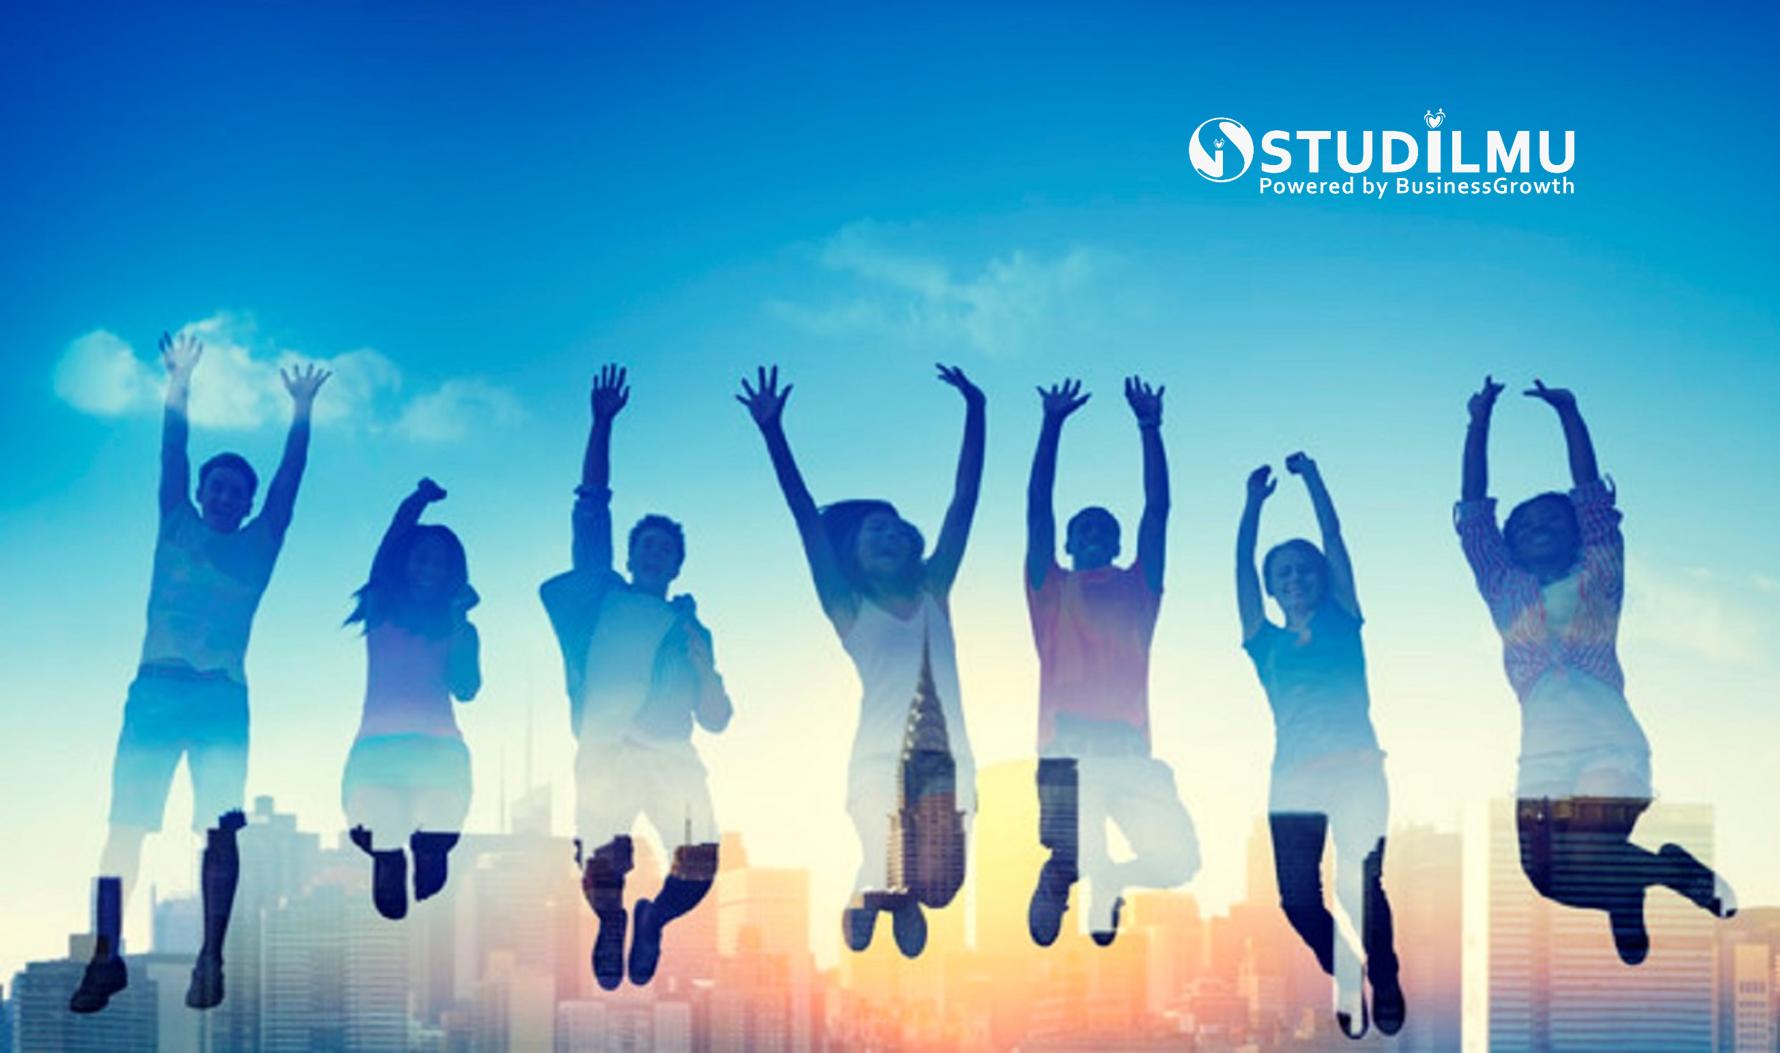 STUDILMU Career Advice - 10 Nasehat Pengusaha Sukses agar Kita Bisa Menjadi Orang Sukses